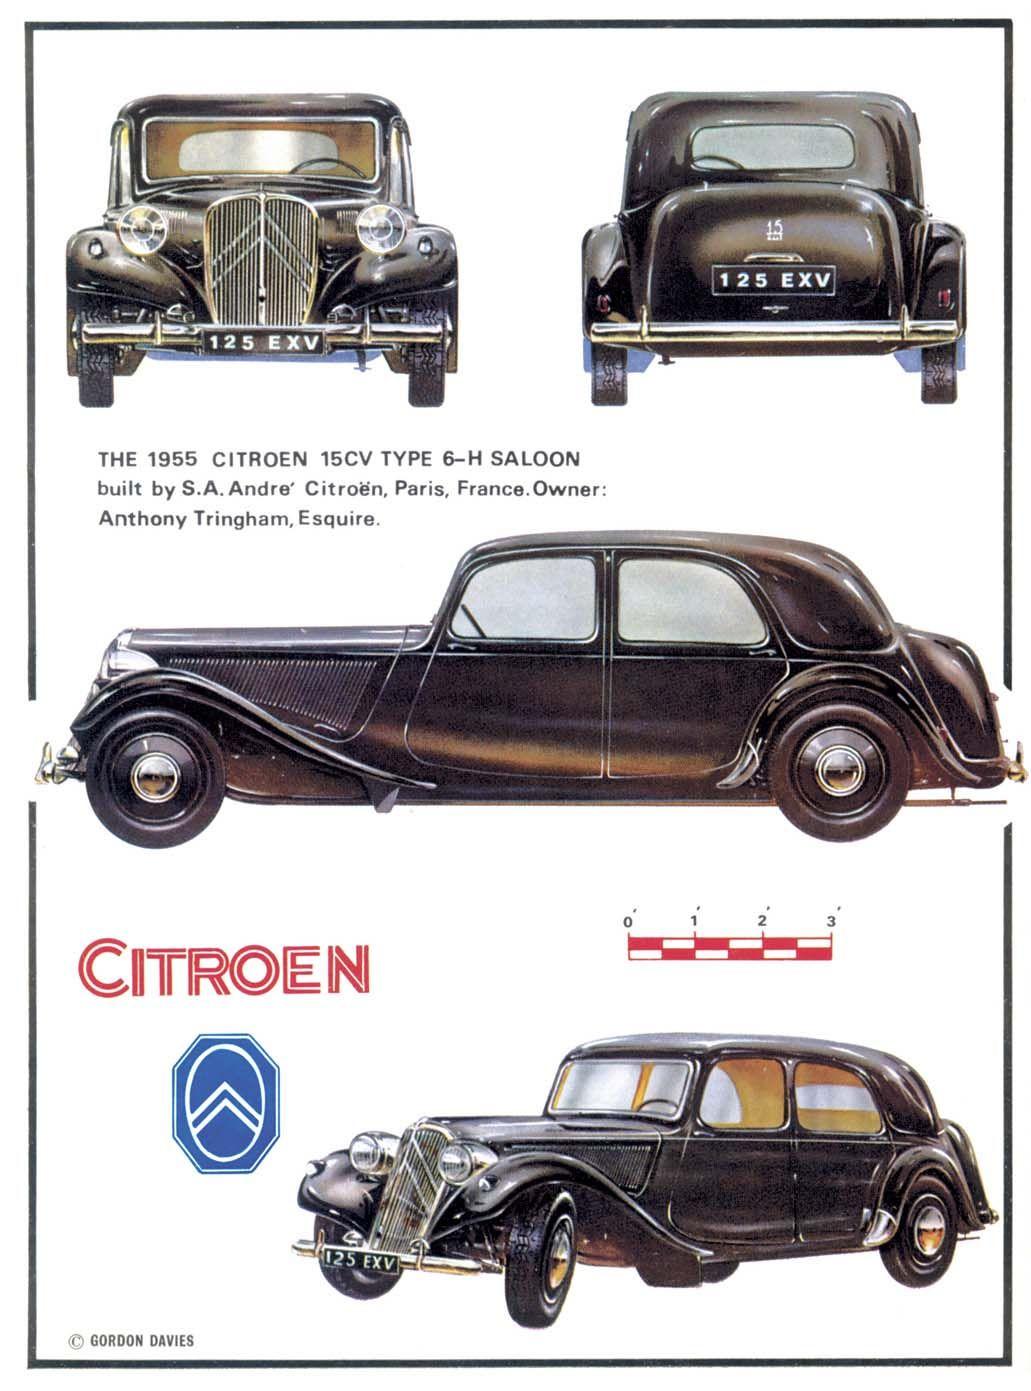 1934 Citroen Traction Avant Vehi Mini Kupery Klassicheskie Avtomobili Starye Avtomobili